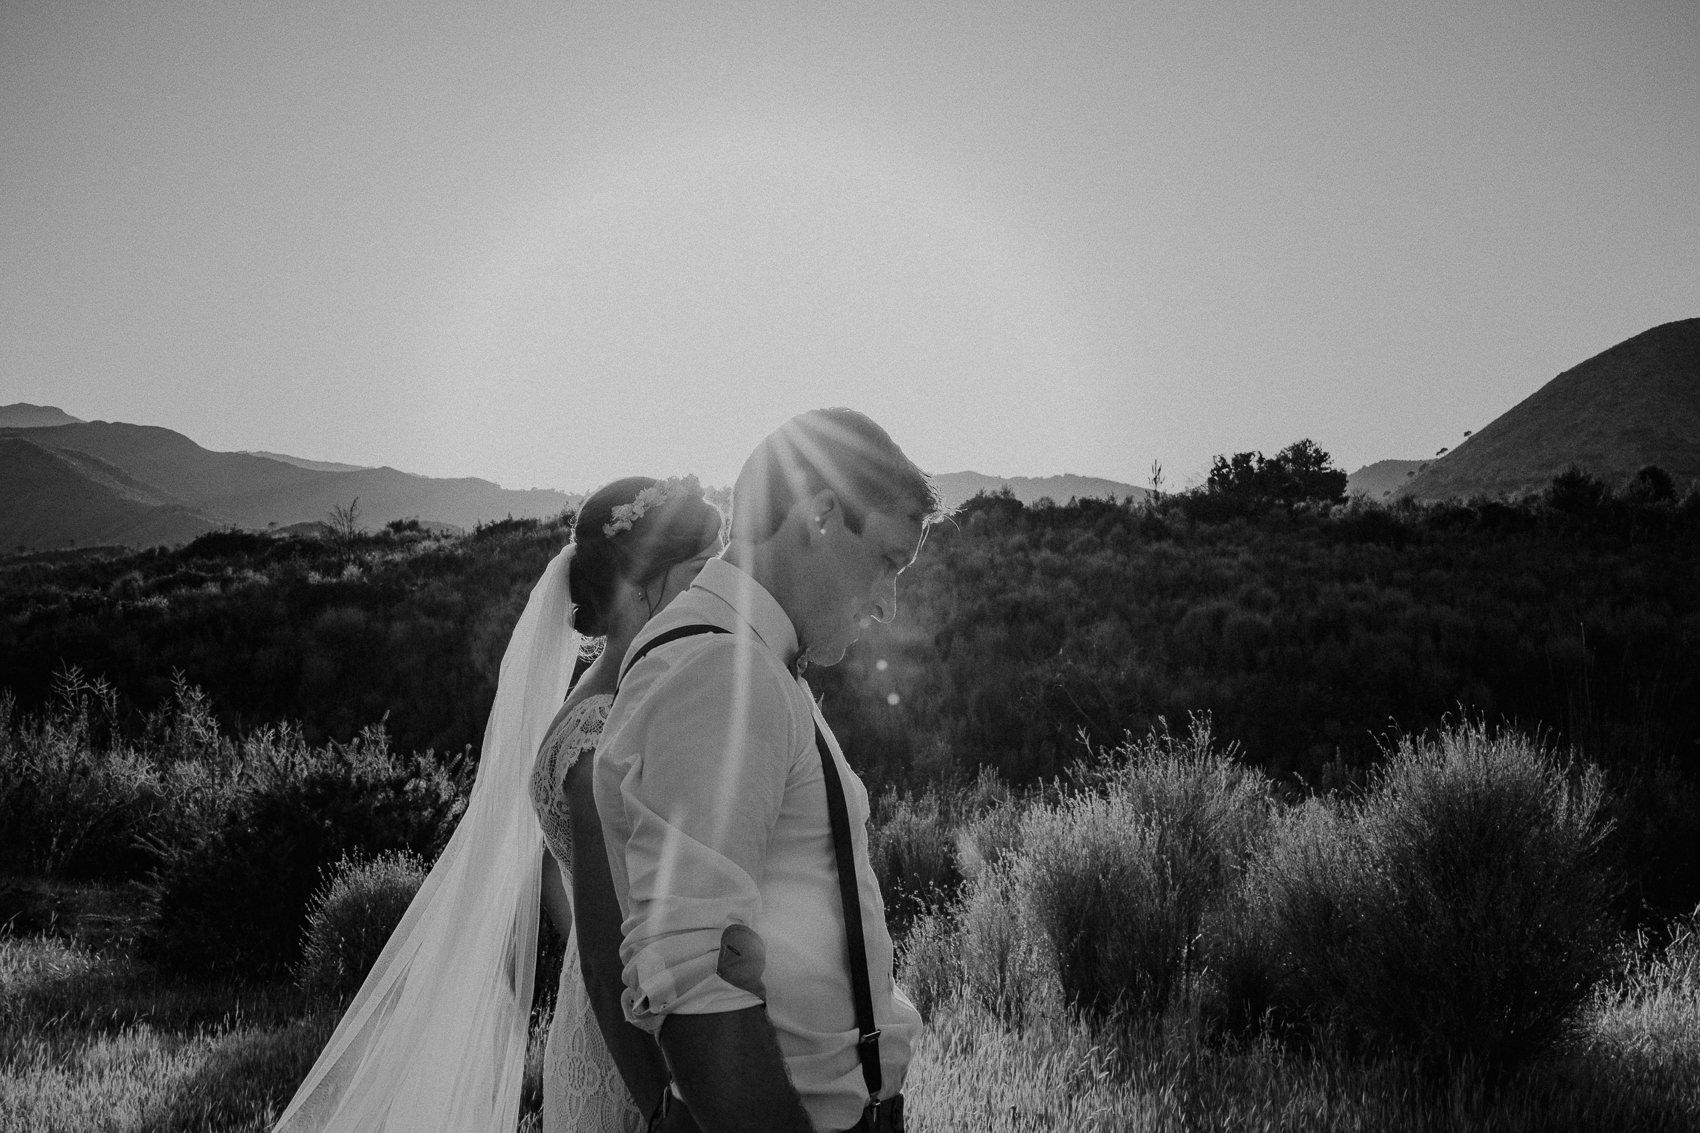 Sarah & Bill | Summer wedding at Cortijo Rosa Blanca | Marbella - Spain 128